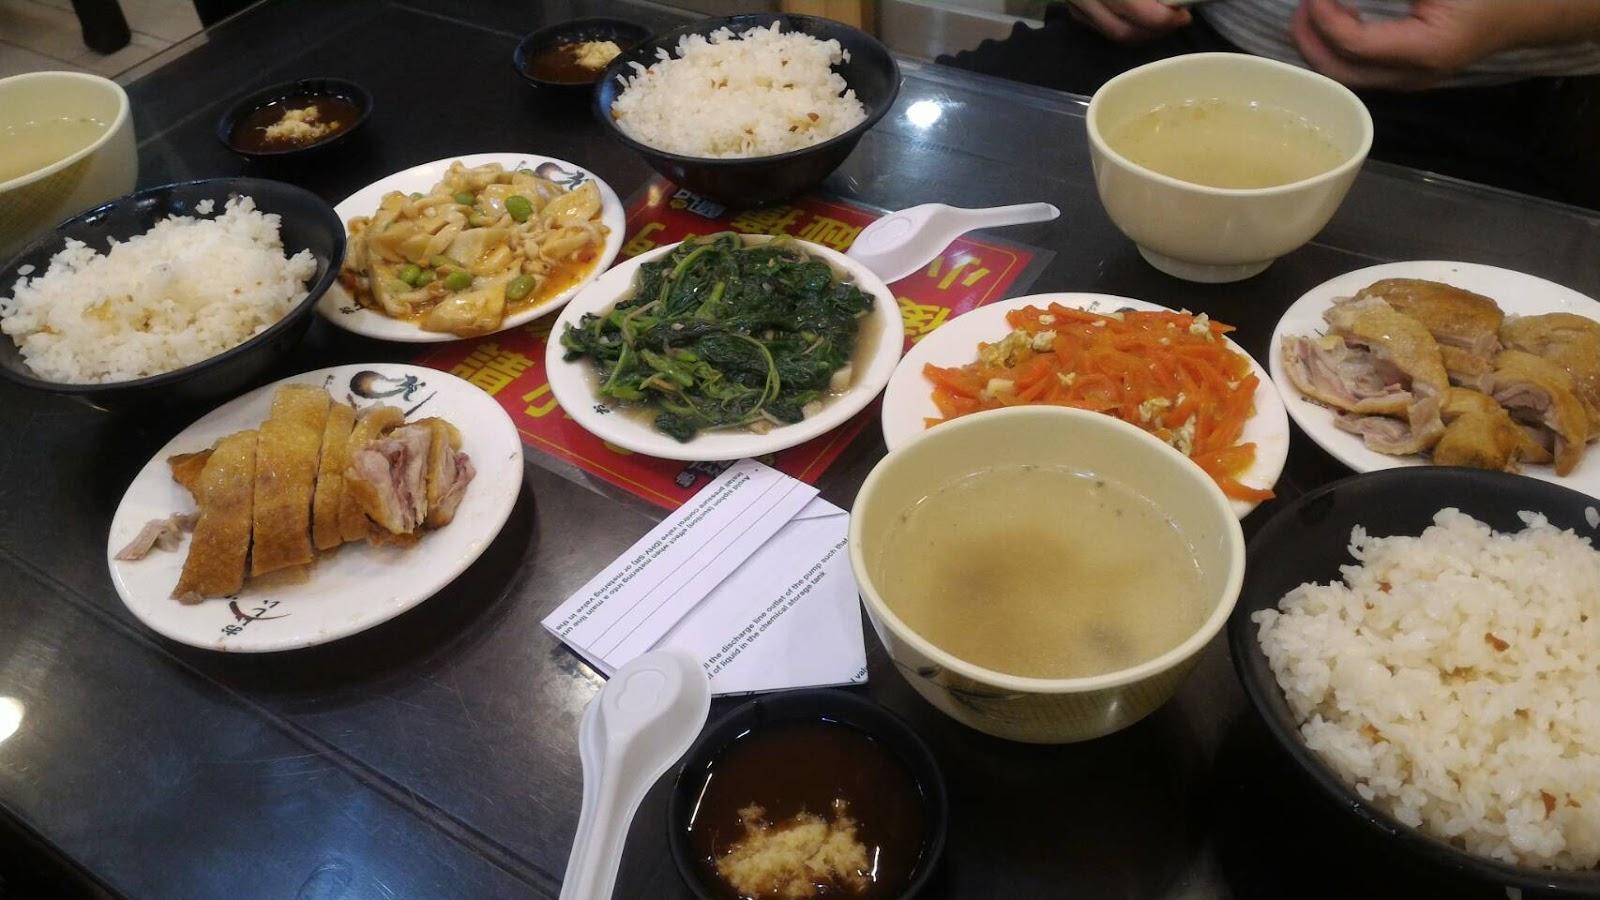 【高雄美食】林園小吃 蘭姐鴨肉飯   推薦便宜商品